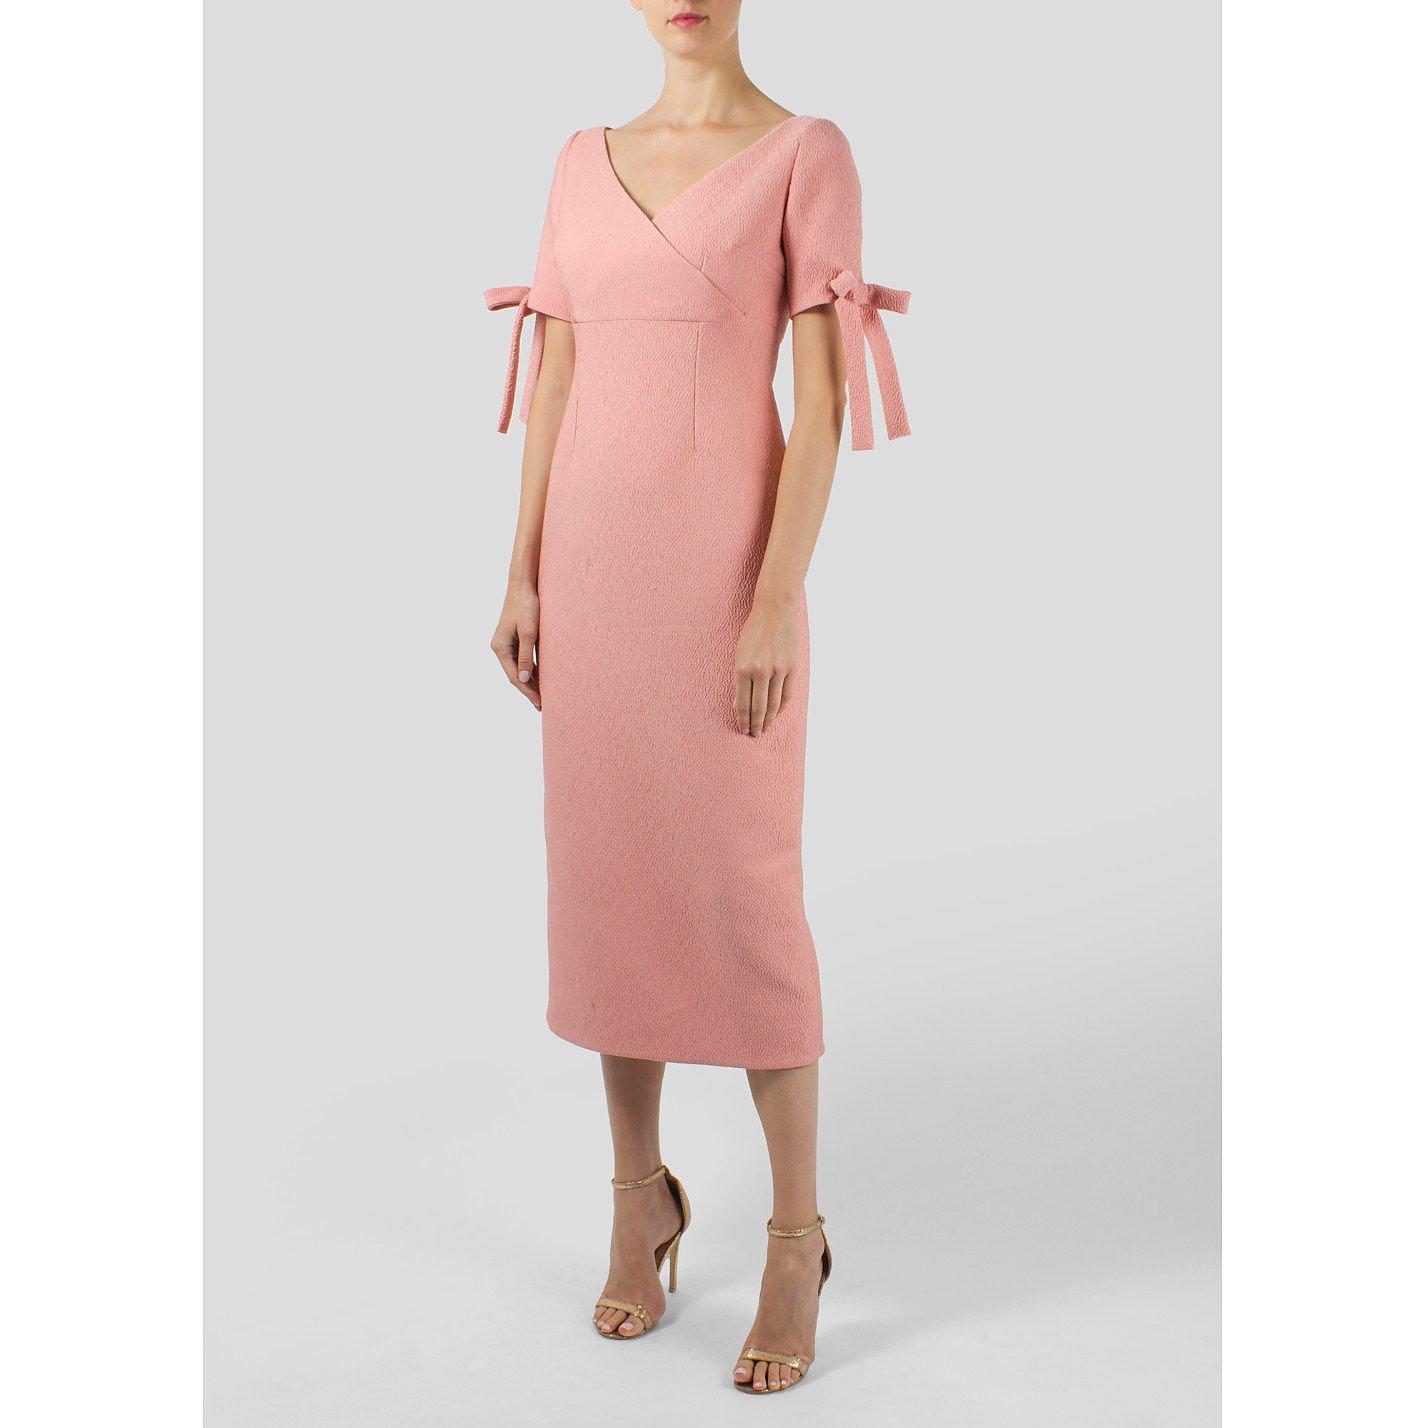 Emilia Wickstead Bow Detail Midi Dress